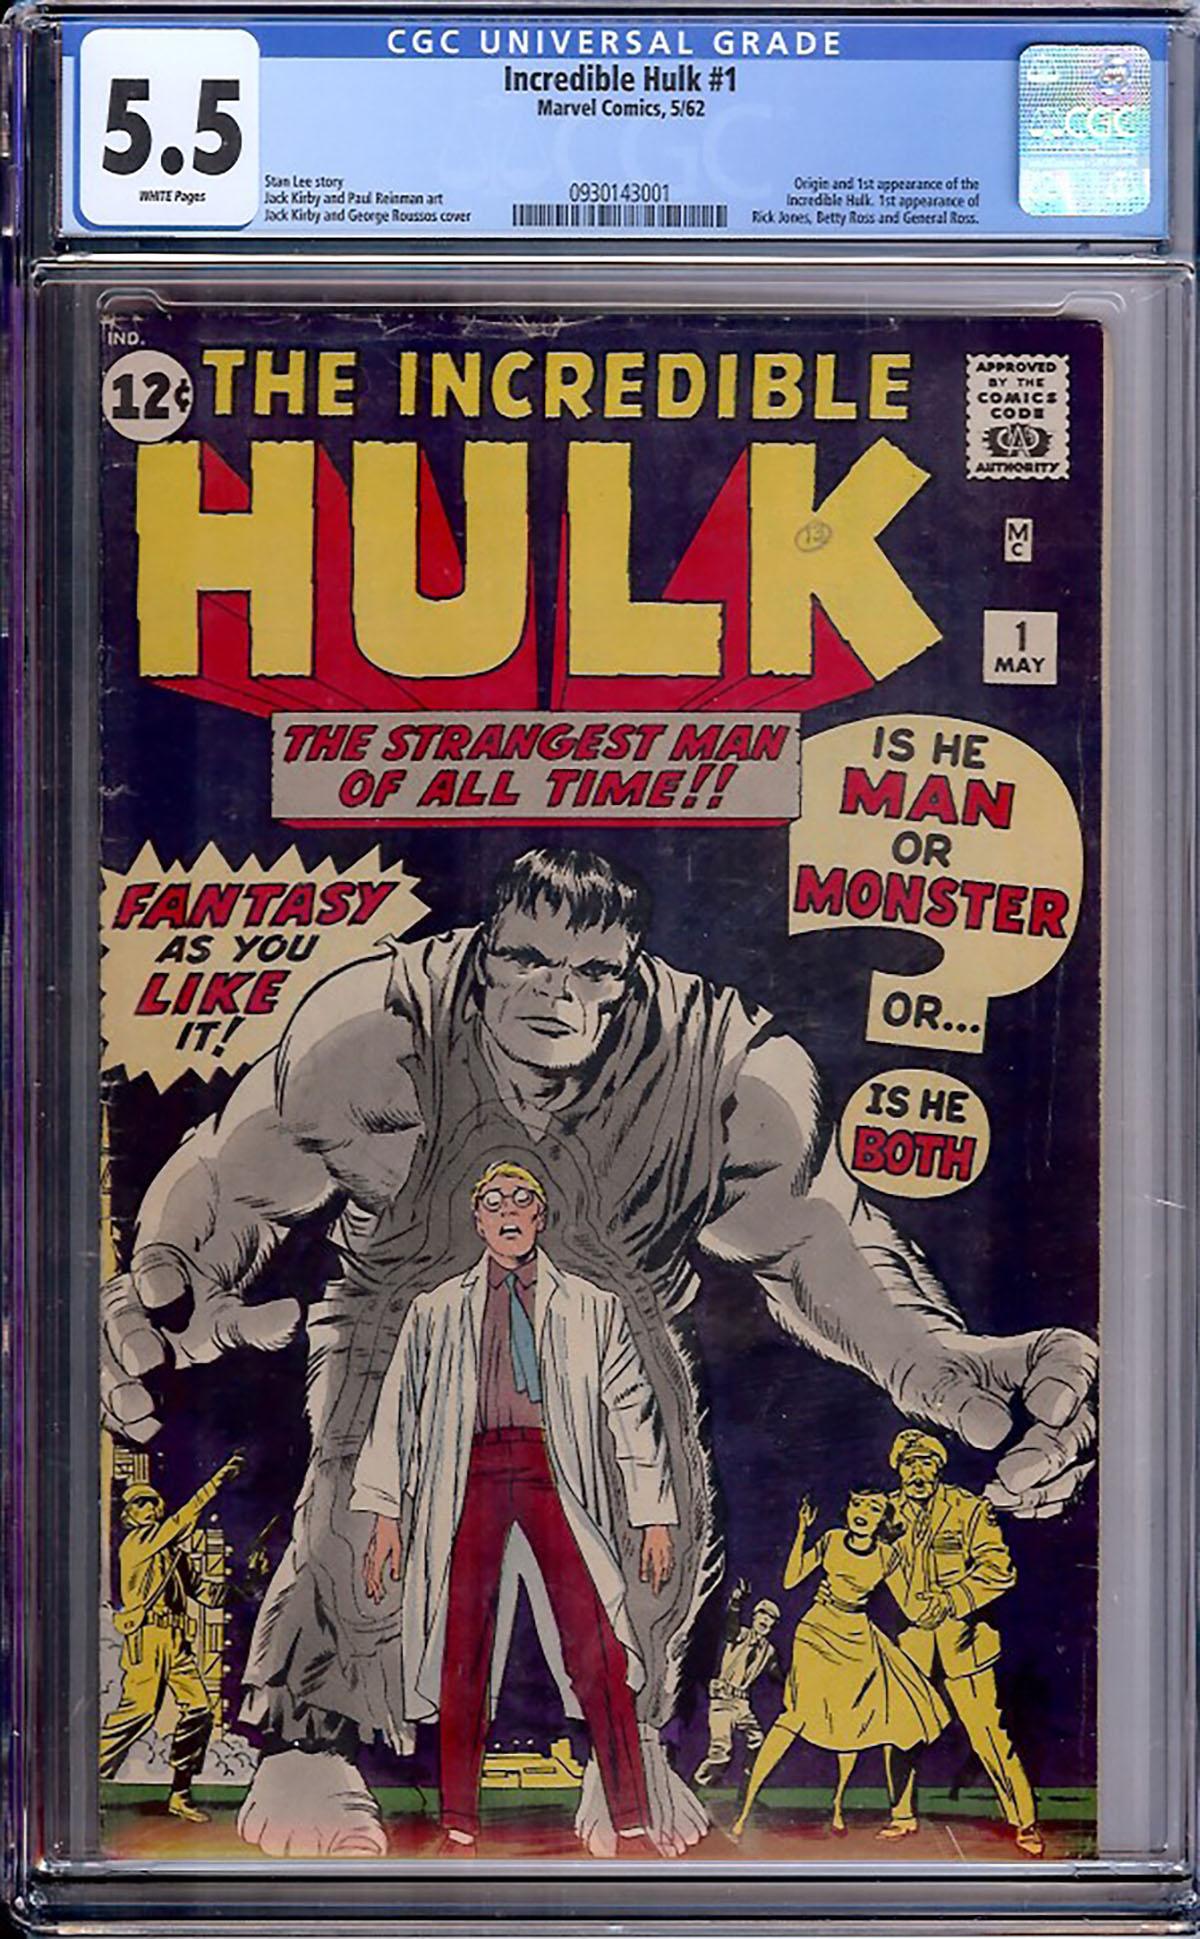 Incredible Hulk #1 CGC 5.5 w